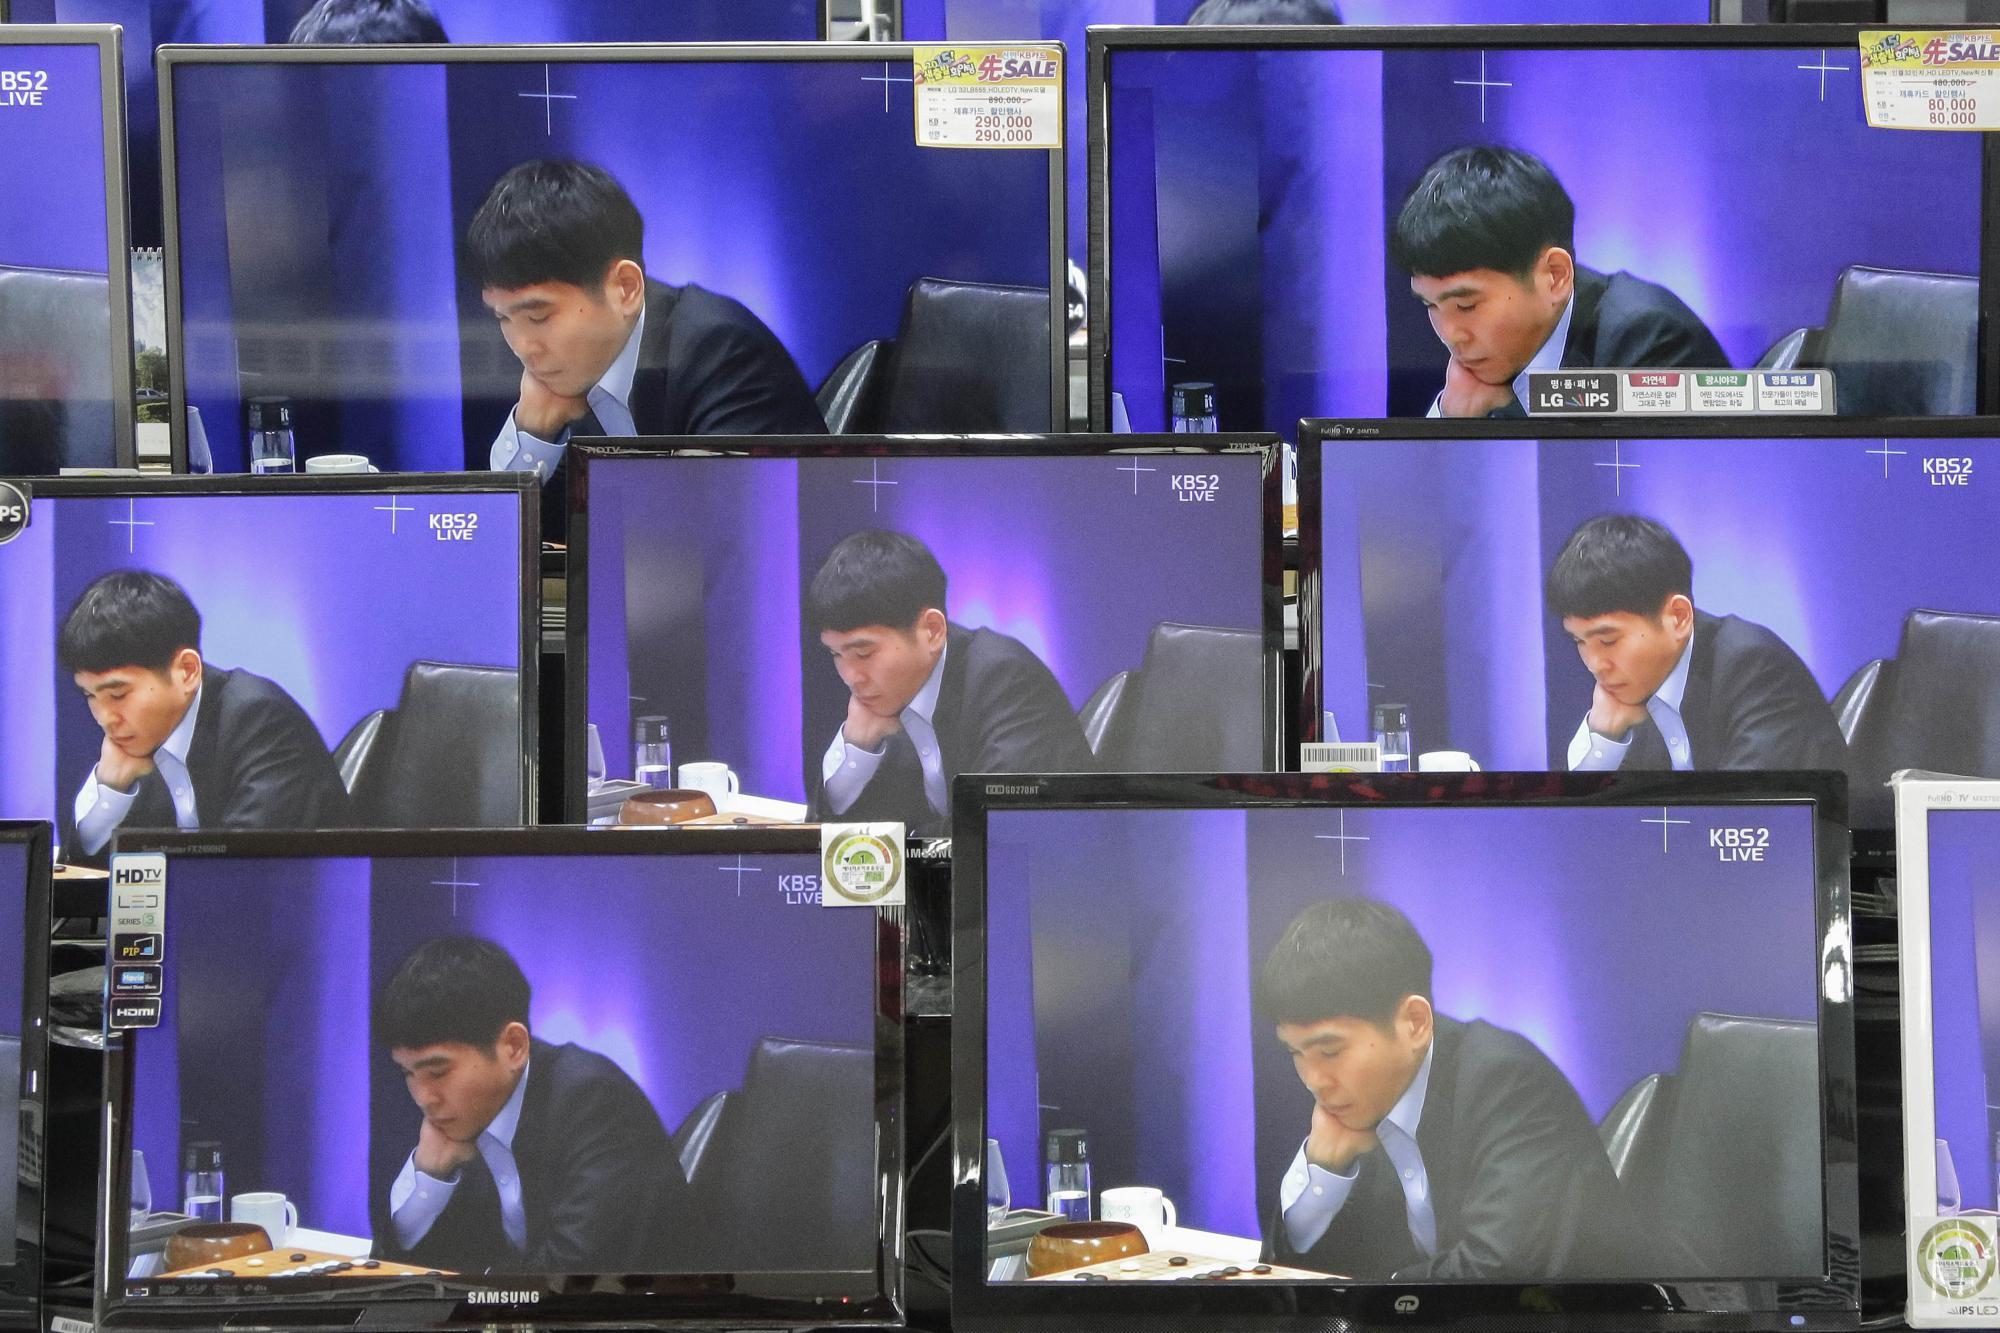 El campeón del mundo de Go se mide a la máquina creada por Google / EFE: Seung Il Ryu